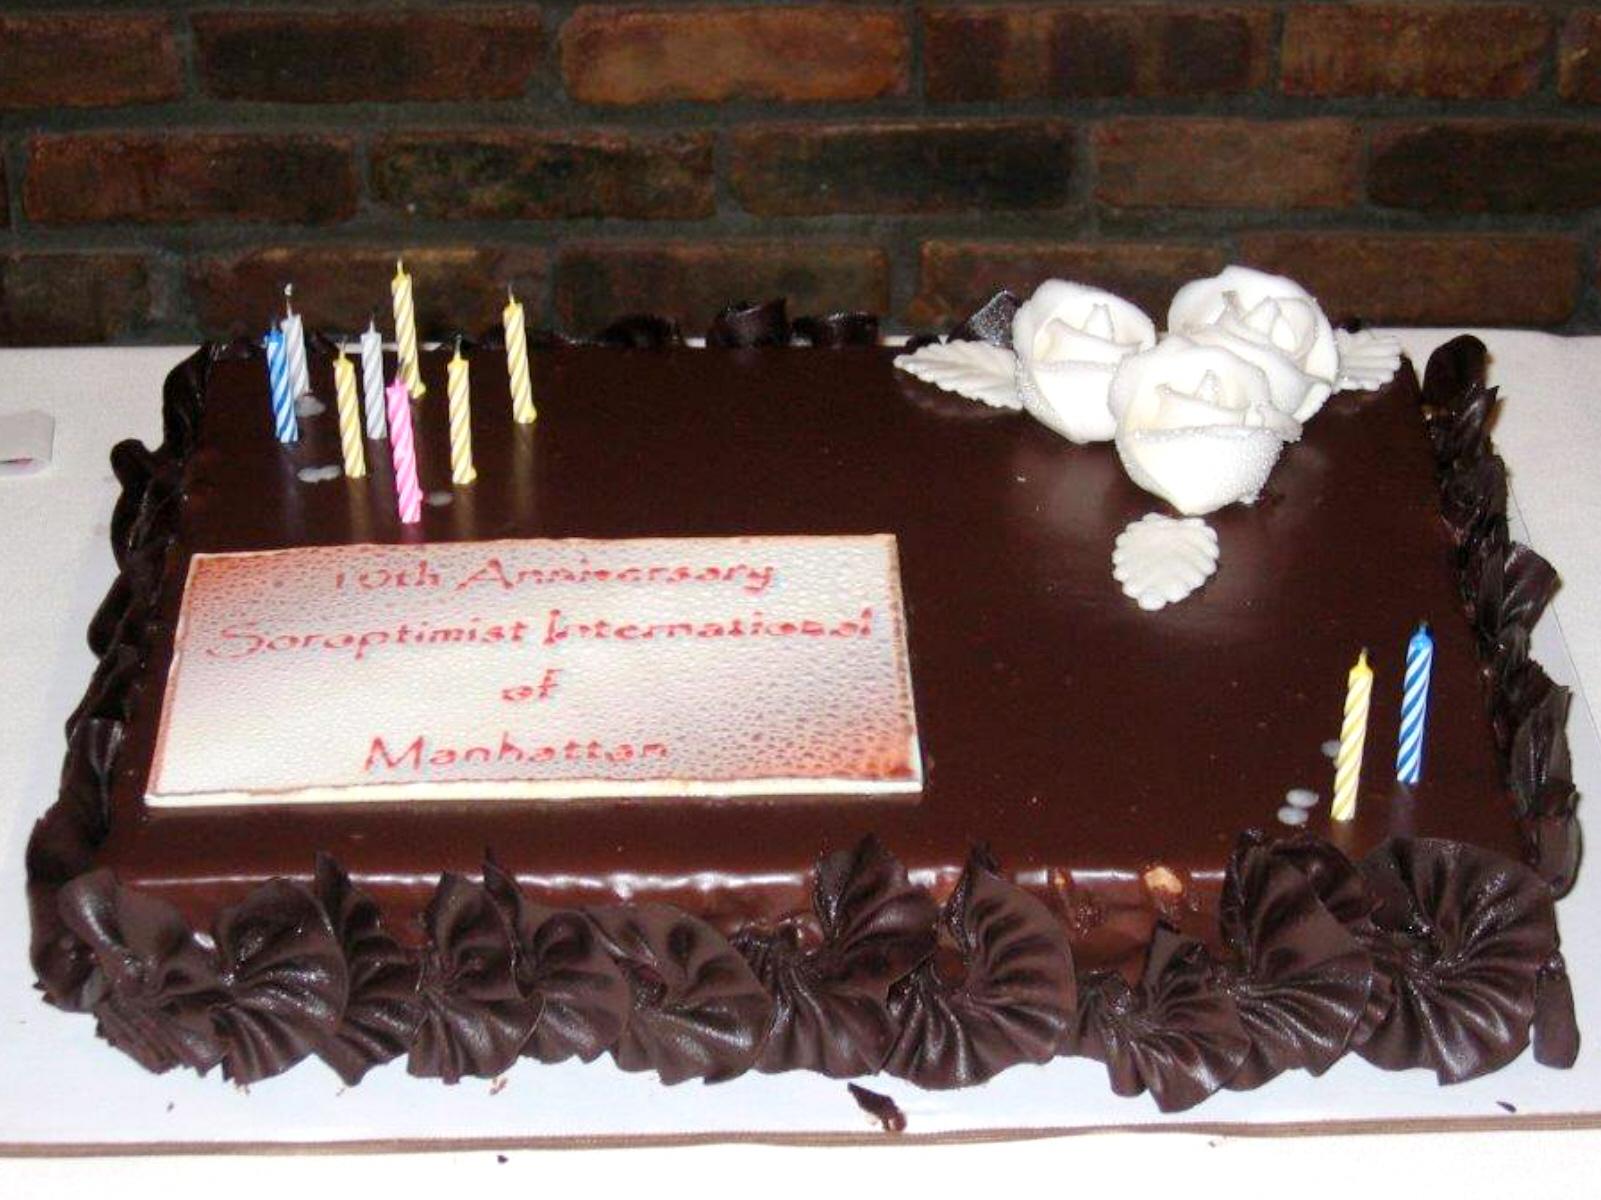 SIM 10th Anniversary June 2008 Cake.jpg